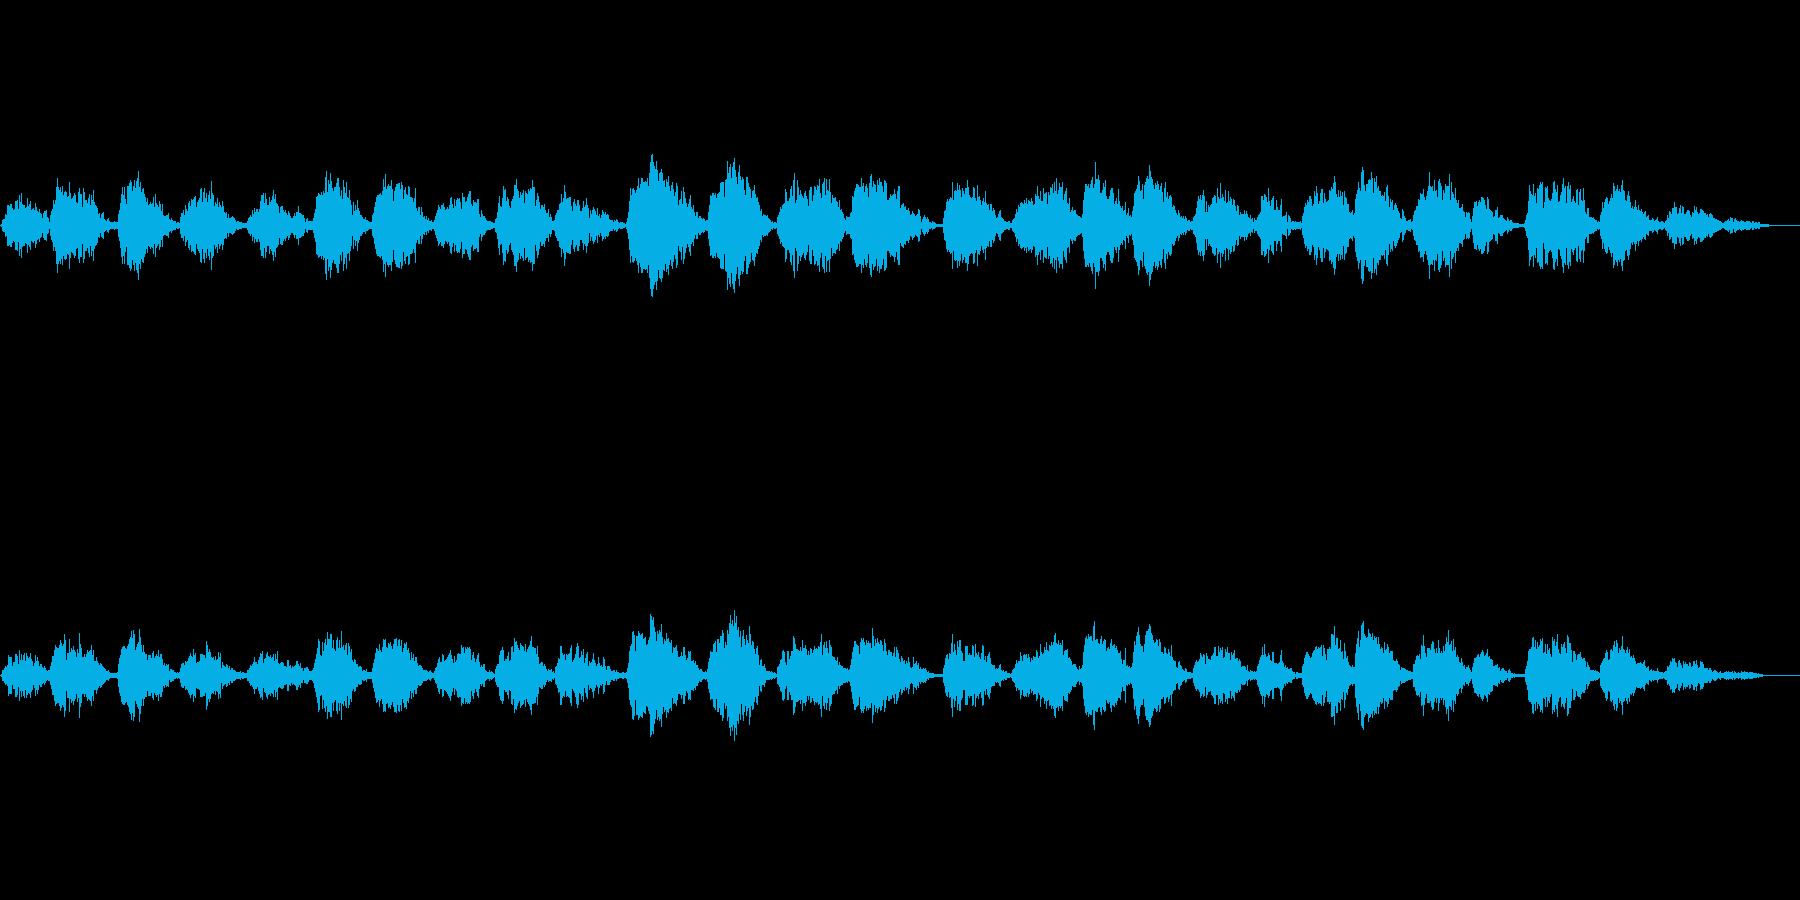 声なき歌声に包まれての再生済みの波形